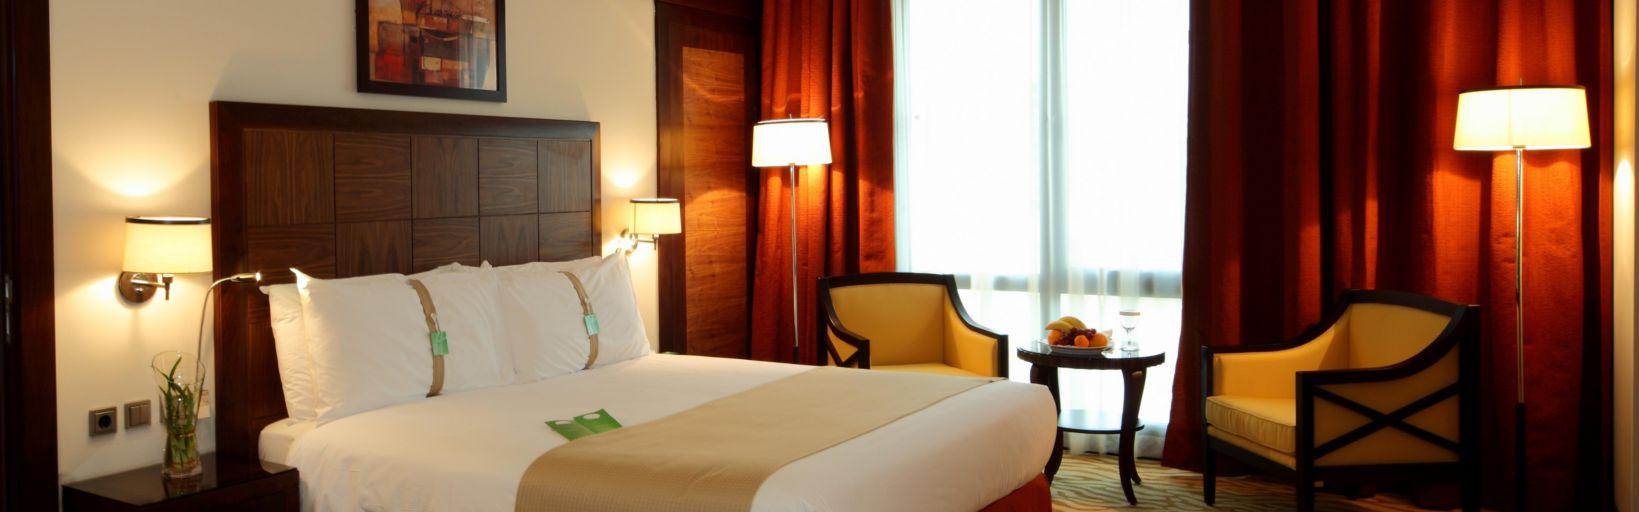 Holiday inn riyadh olaya hotel by ihg